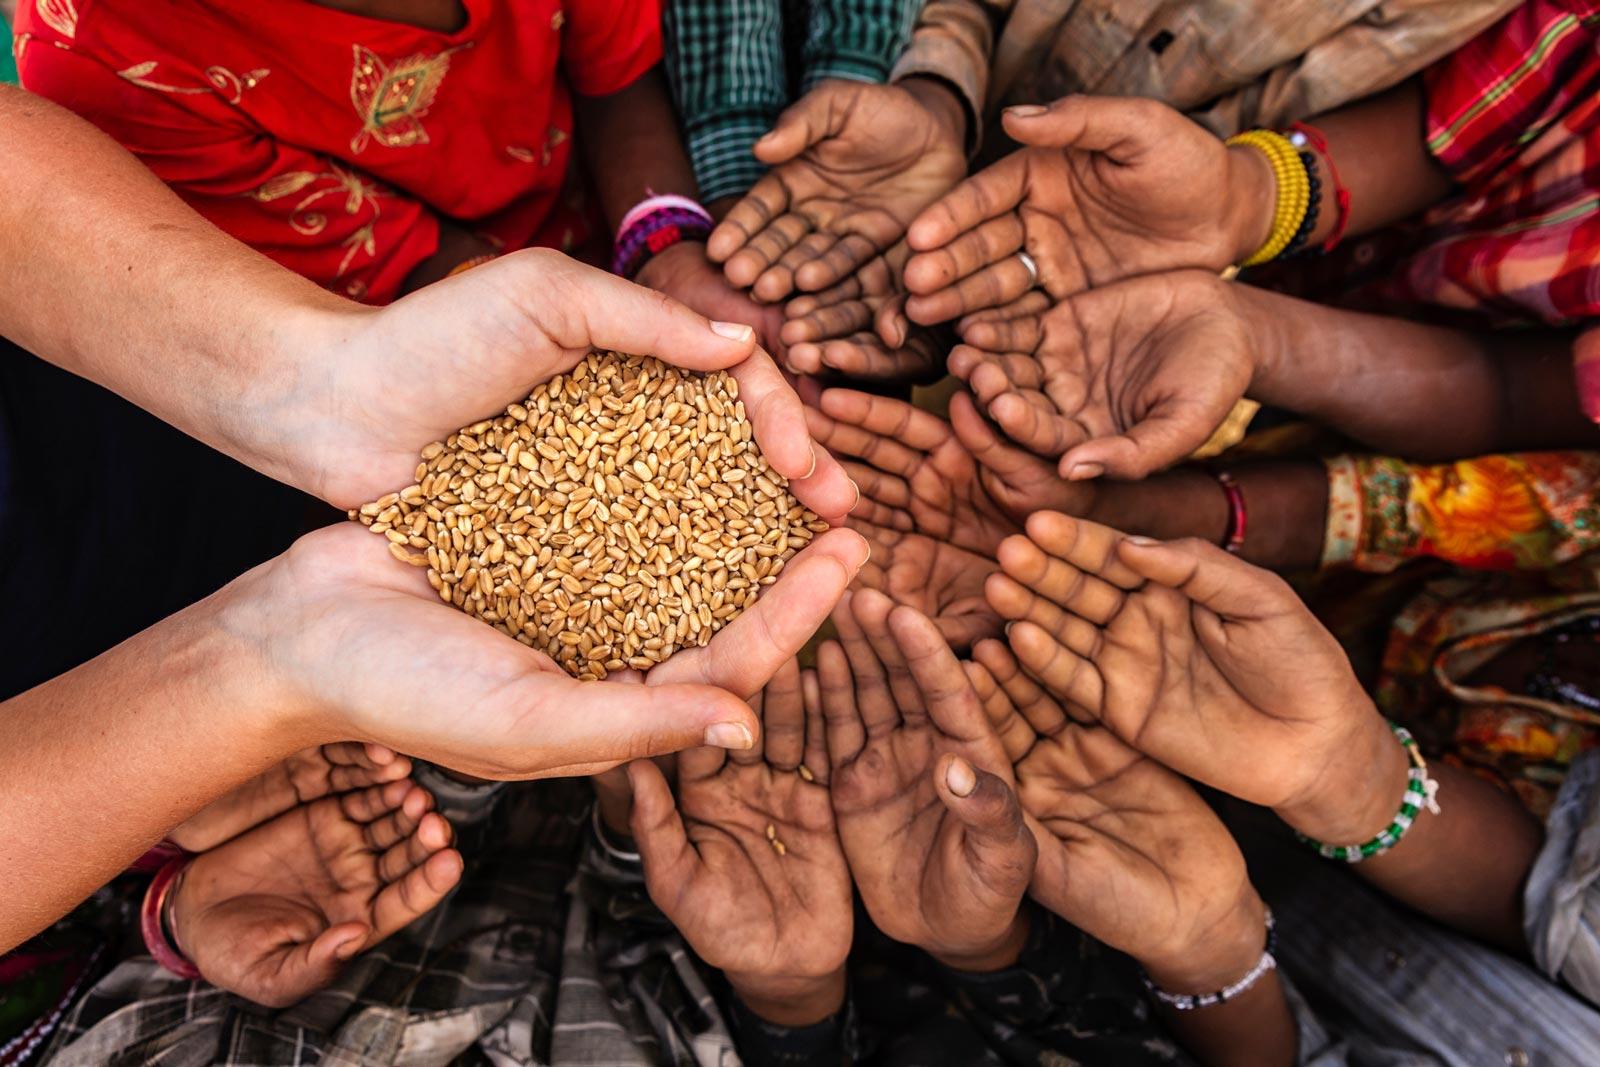 Hablamos en clase sobre el hambre en el mundo